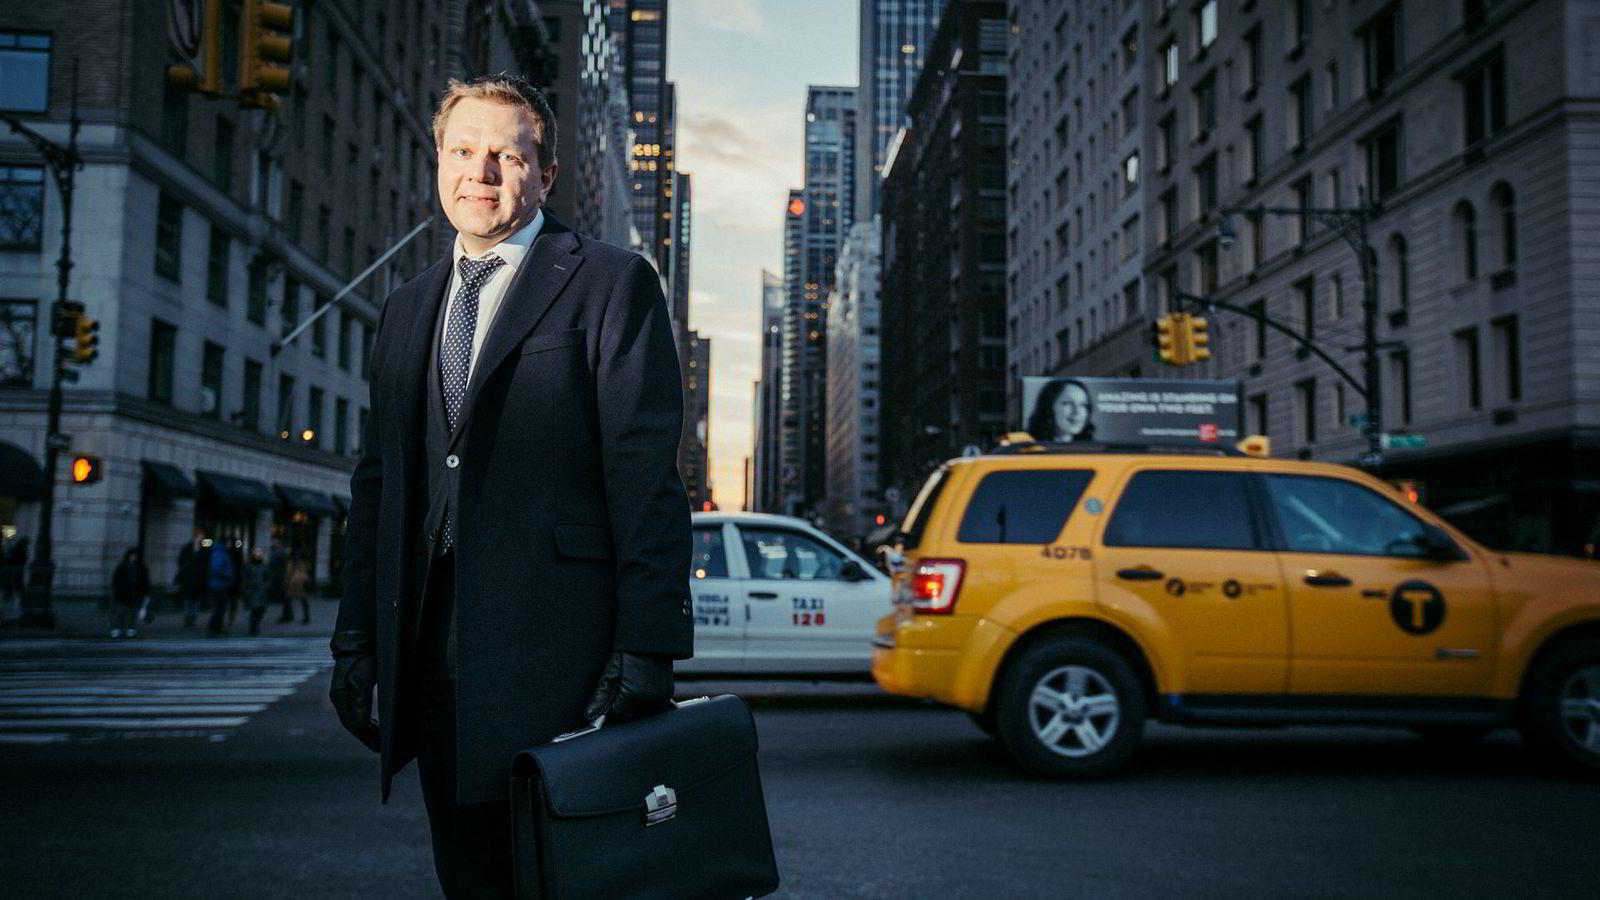 Sjefstrateg Leif-Rune Rein i Nordea Wealth Management mener renteoppgangen i USA har mesteparten av skylden for børsfallet i USA. Selv om renteoppgang burde bety børsoppgang.